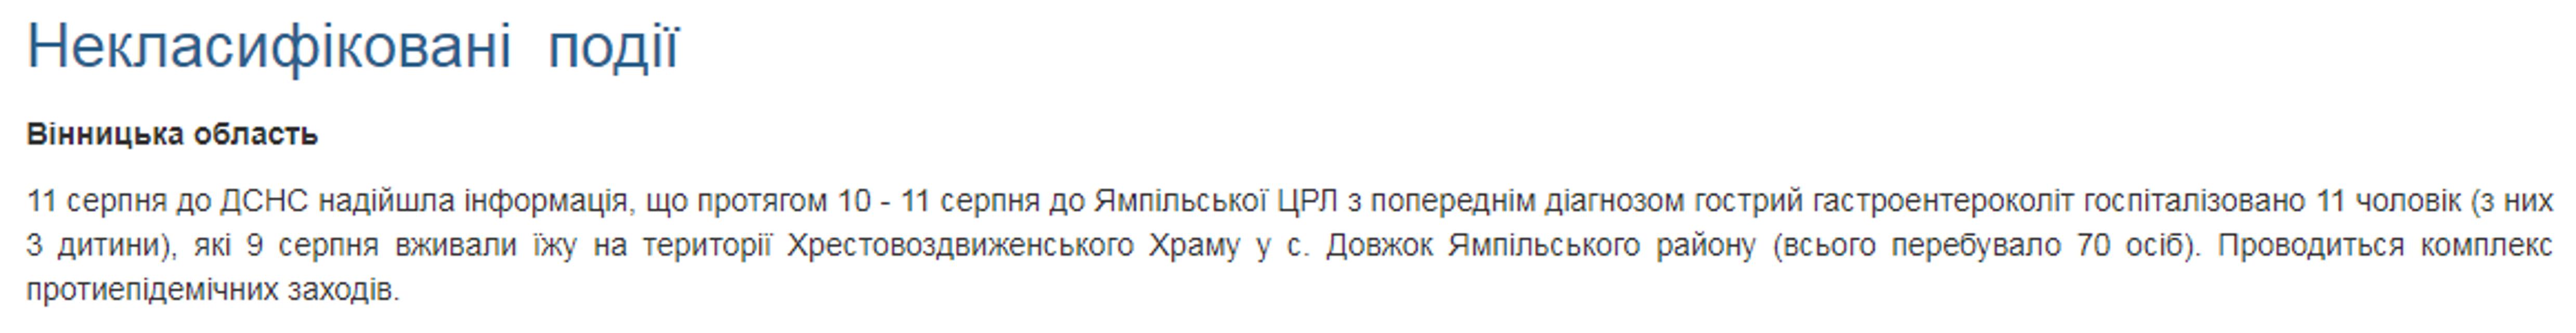 УПЦ МП отравила винничан. Раскрыты детали - фото 185764